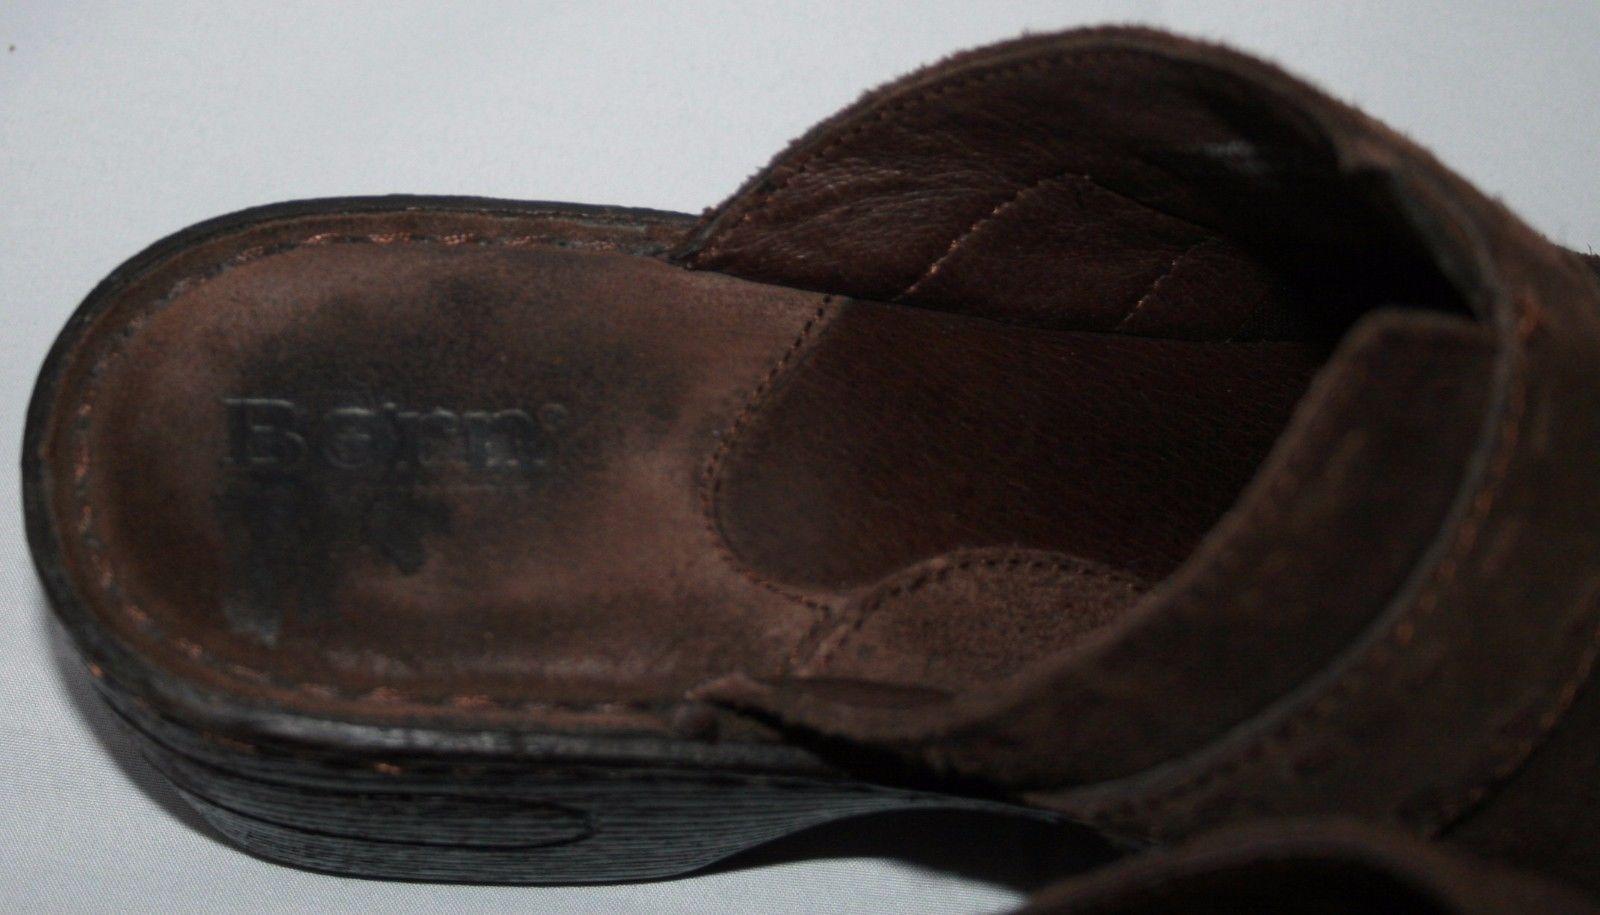 Born Zuecos Pantuflas Talla 9 40.5 Mujer Cuero Marrón Hebilla Zapatos Desliza